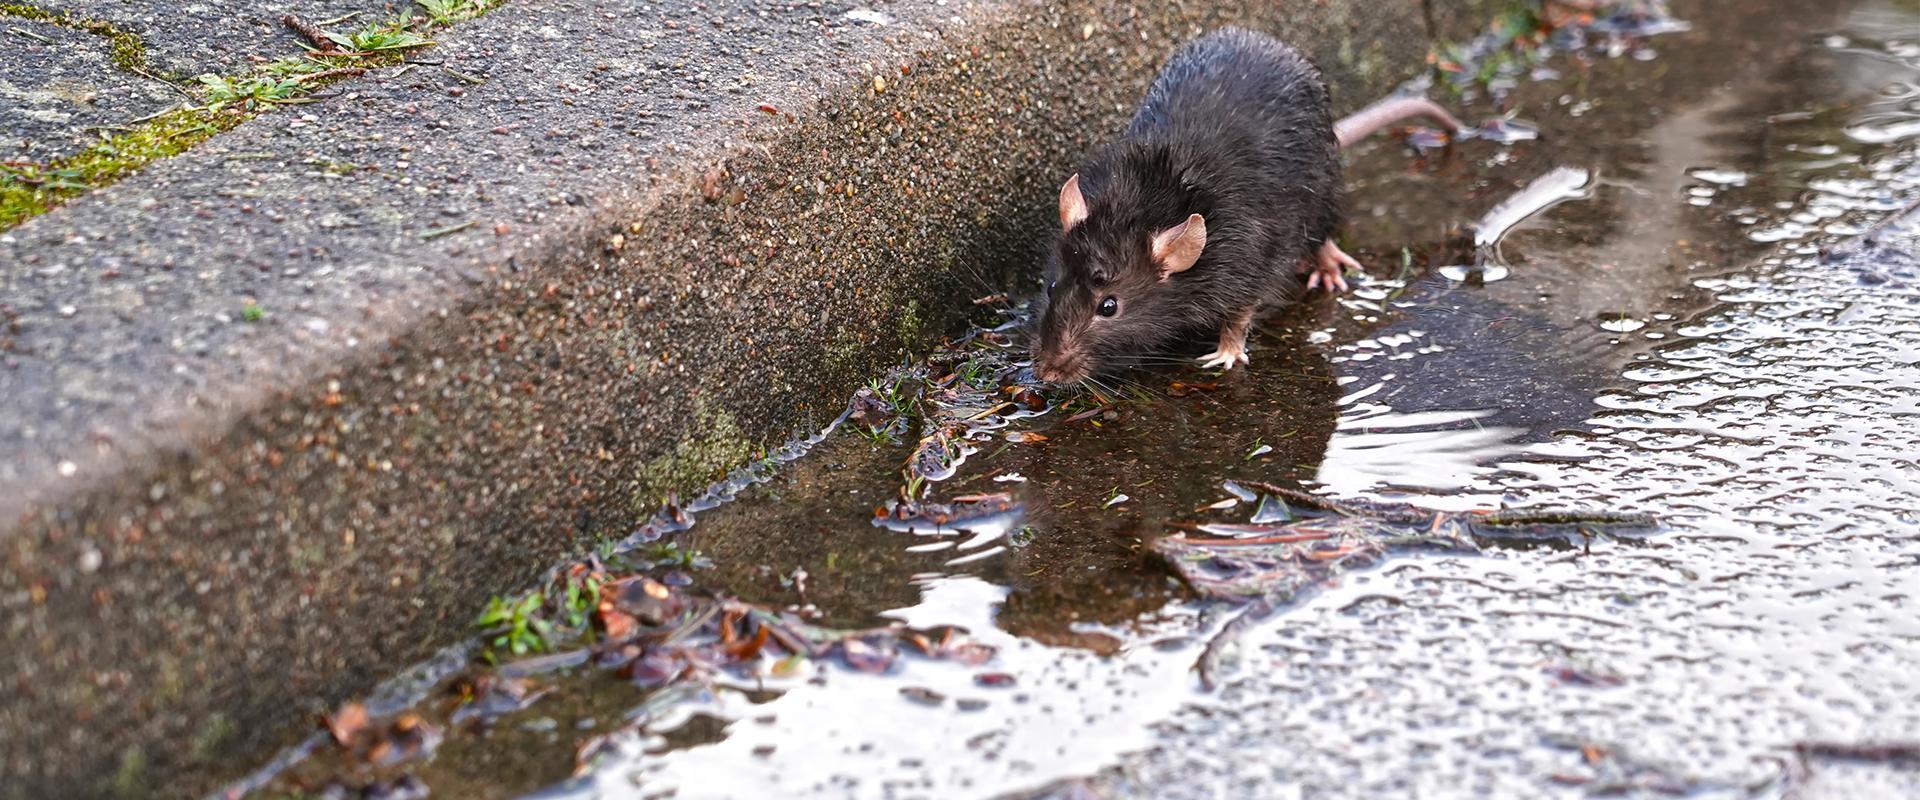 rat by sidewalk